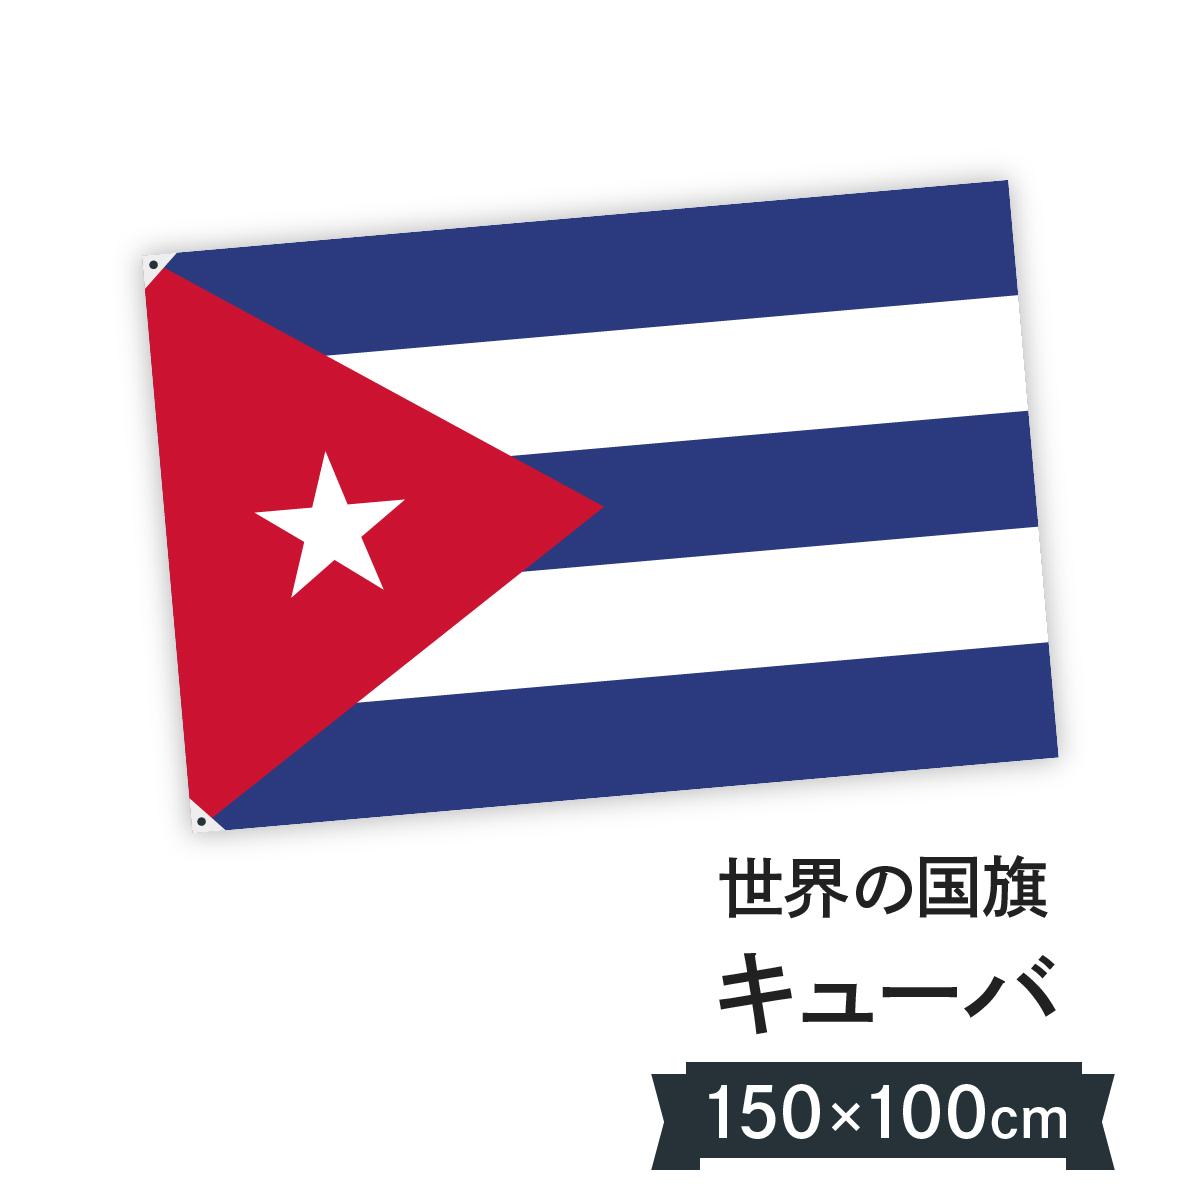 キューバ共和国 国旗 W150cm H100cm